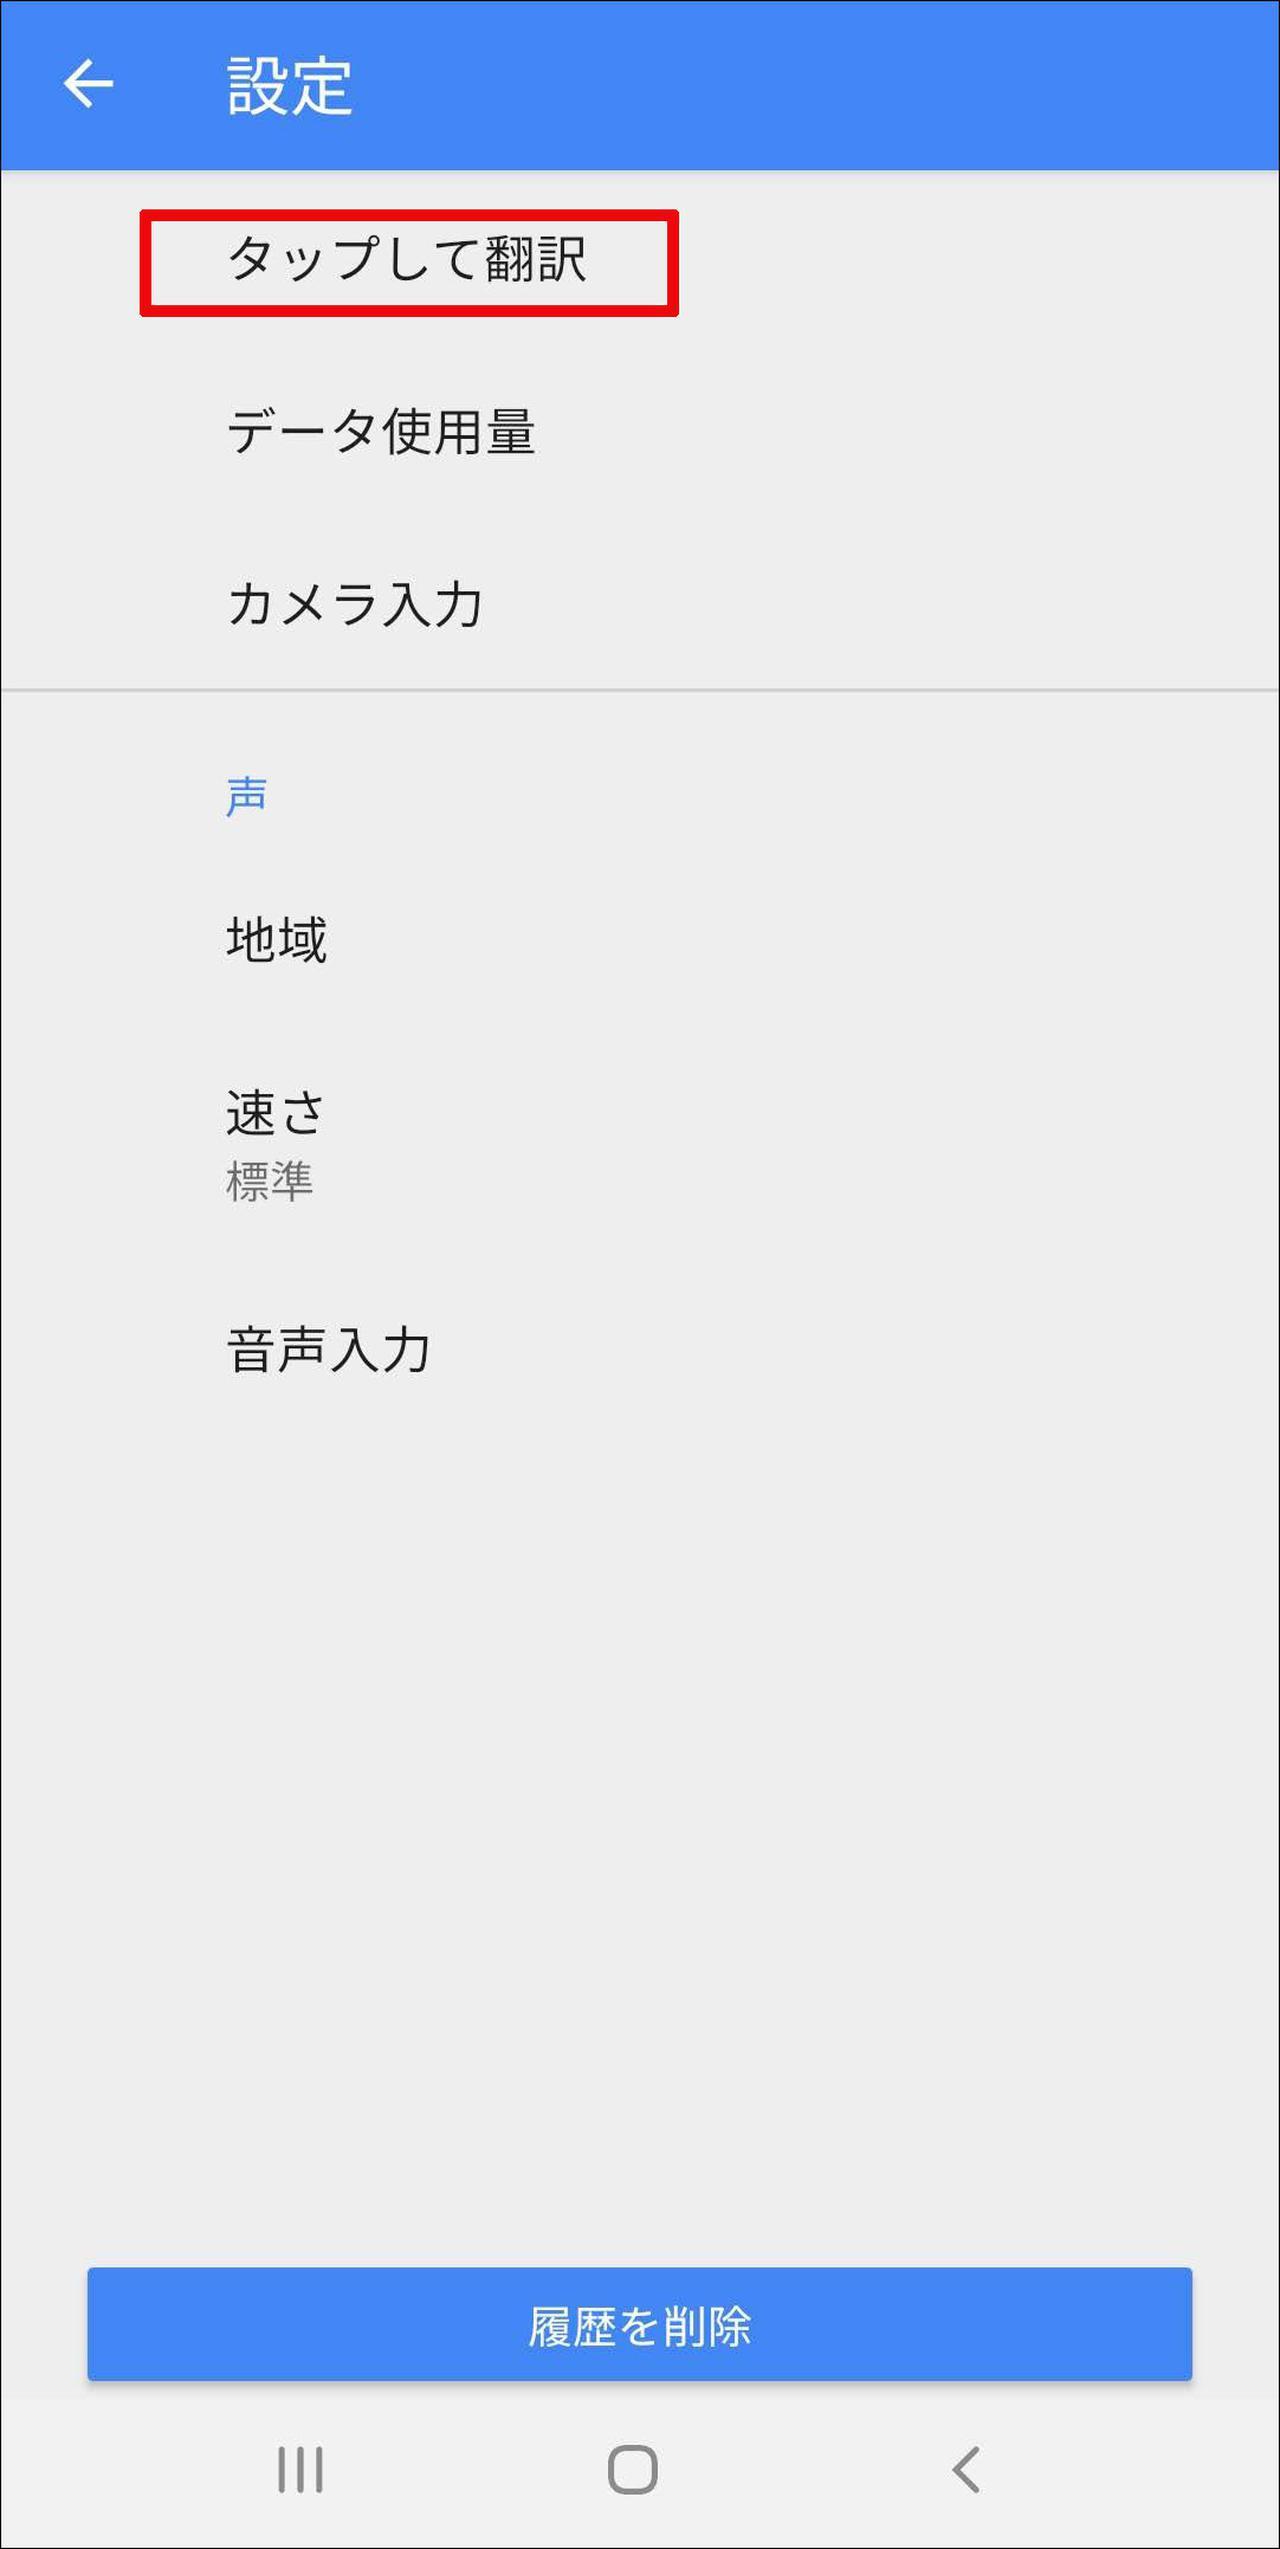 画像3: 【Google翻訳の使い方】オフラインモードやスピード翻訳、リアルタイム翻訳など マスターしておきたい便利ワザ5選